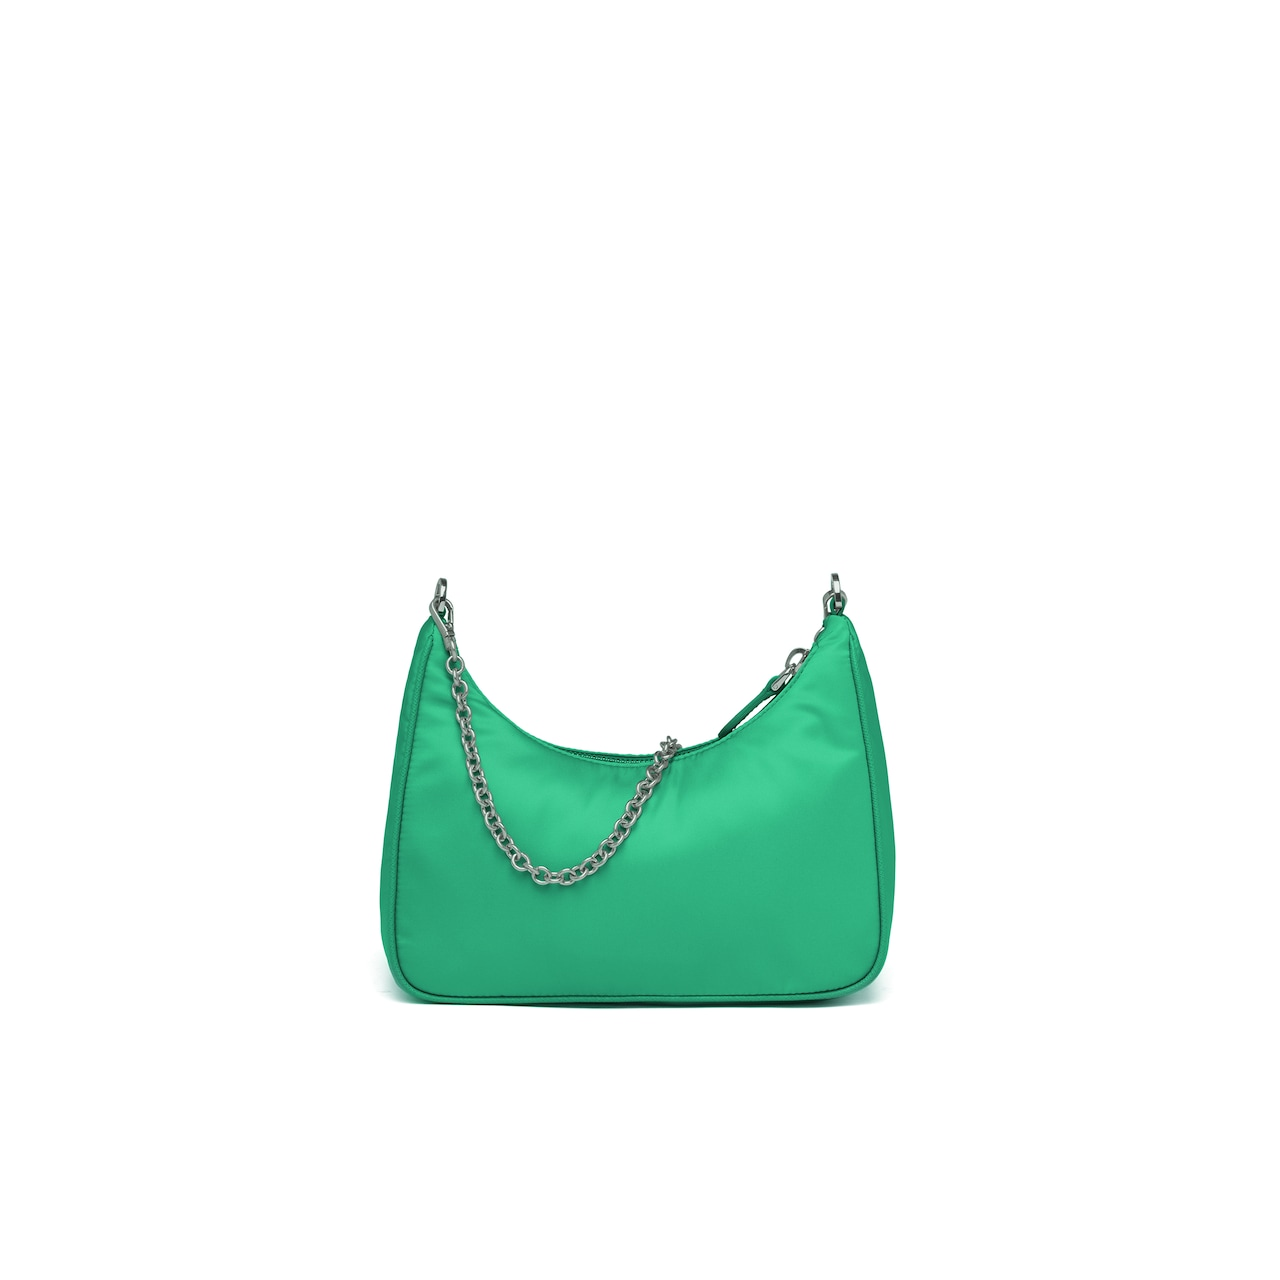 Prada Prada Re-Edition 2005 nylon shoulder bag 4